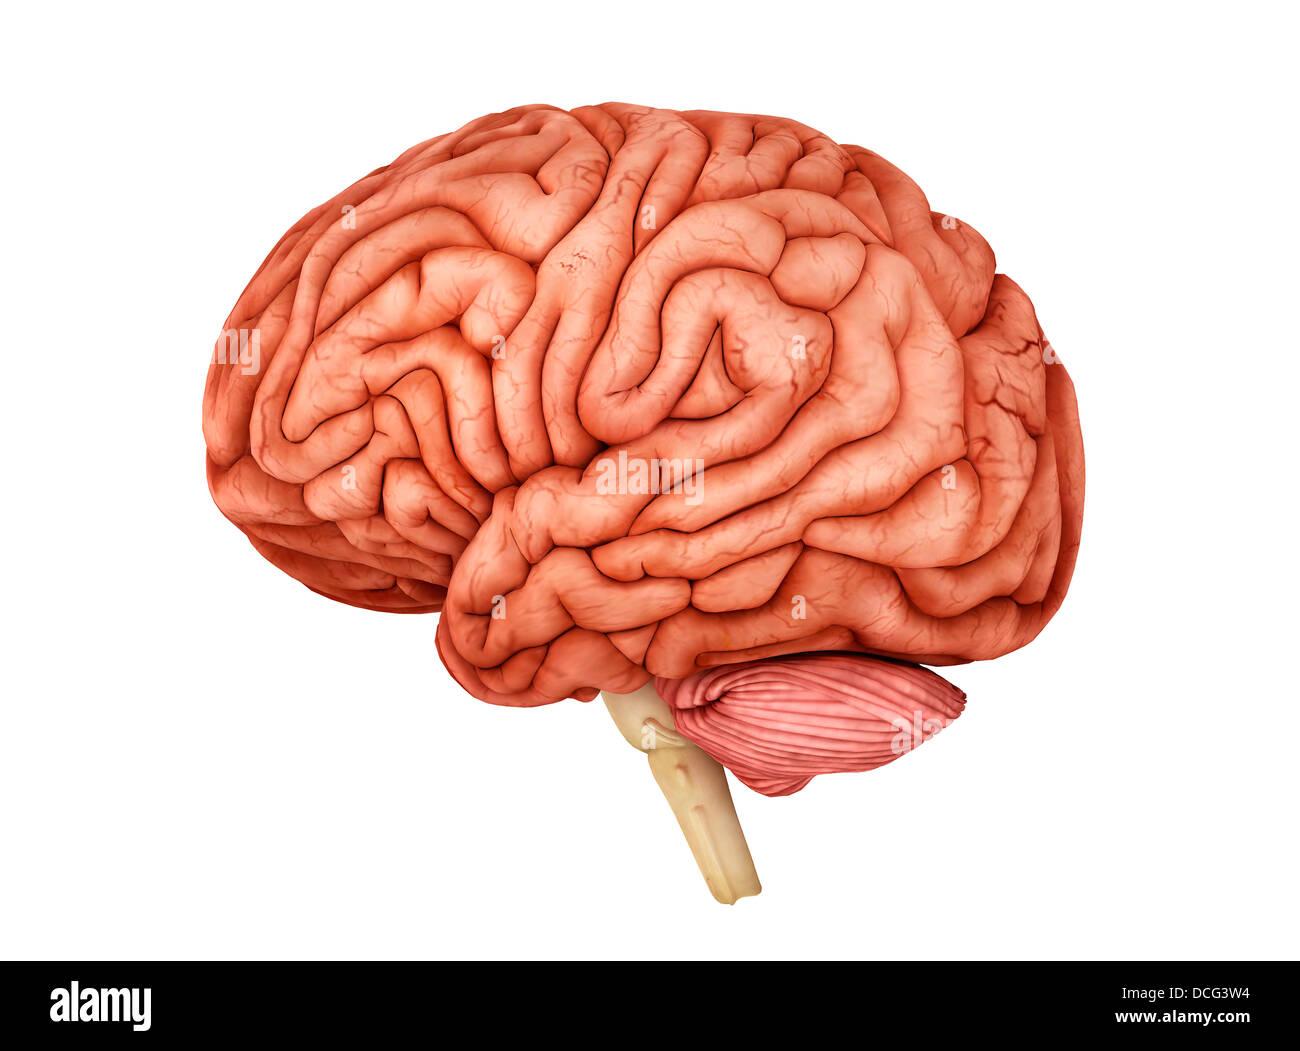 Anatomía del cerebro humano, vista lateral. Foto de stock